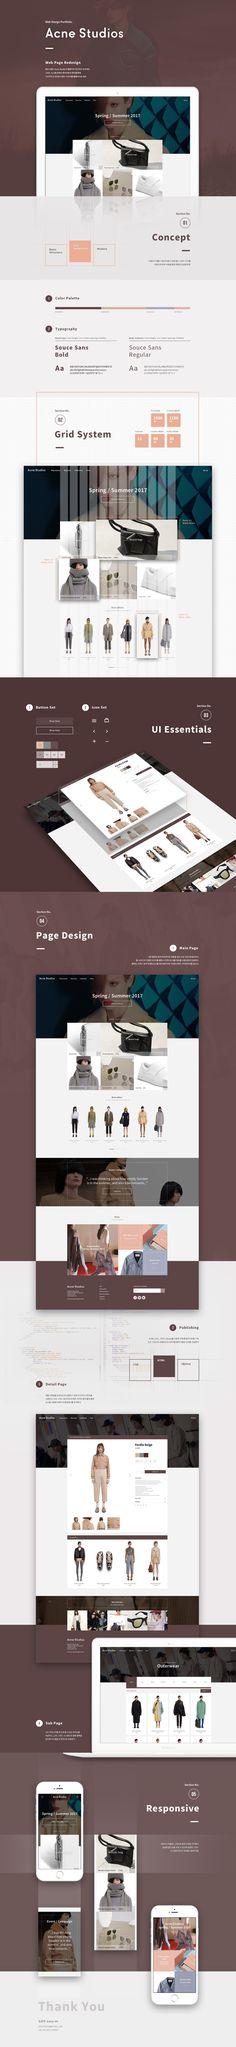 리메인 (remain) 수강생 웹 디자인 포트폴리오. / UX, UI, design, bx, mricro site, mricrosite, 웹 디자인, 웹 포트폴리오, 마이크로 사이트, 쇼핑몰 디자인, 기업 사이트 / 리메인 작품은 모두 수강생 작품 입니다. www.remain.co.kr Web Portfolio, Portfolio Layout, Portfolio Design, Web Design, Logo Design, Web Layout, Layout Design, Web Mockup, Brand Promotion